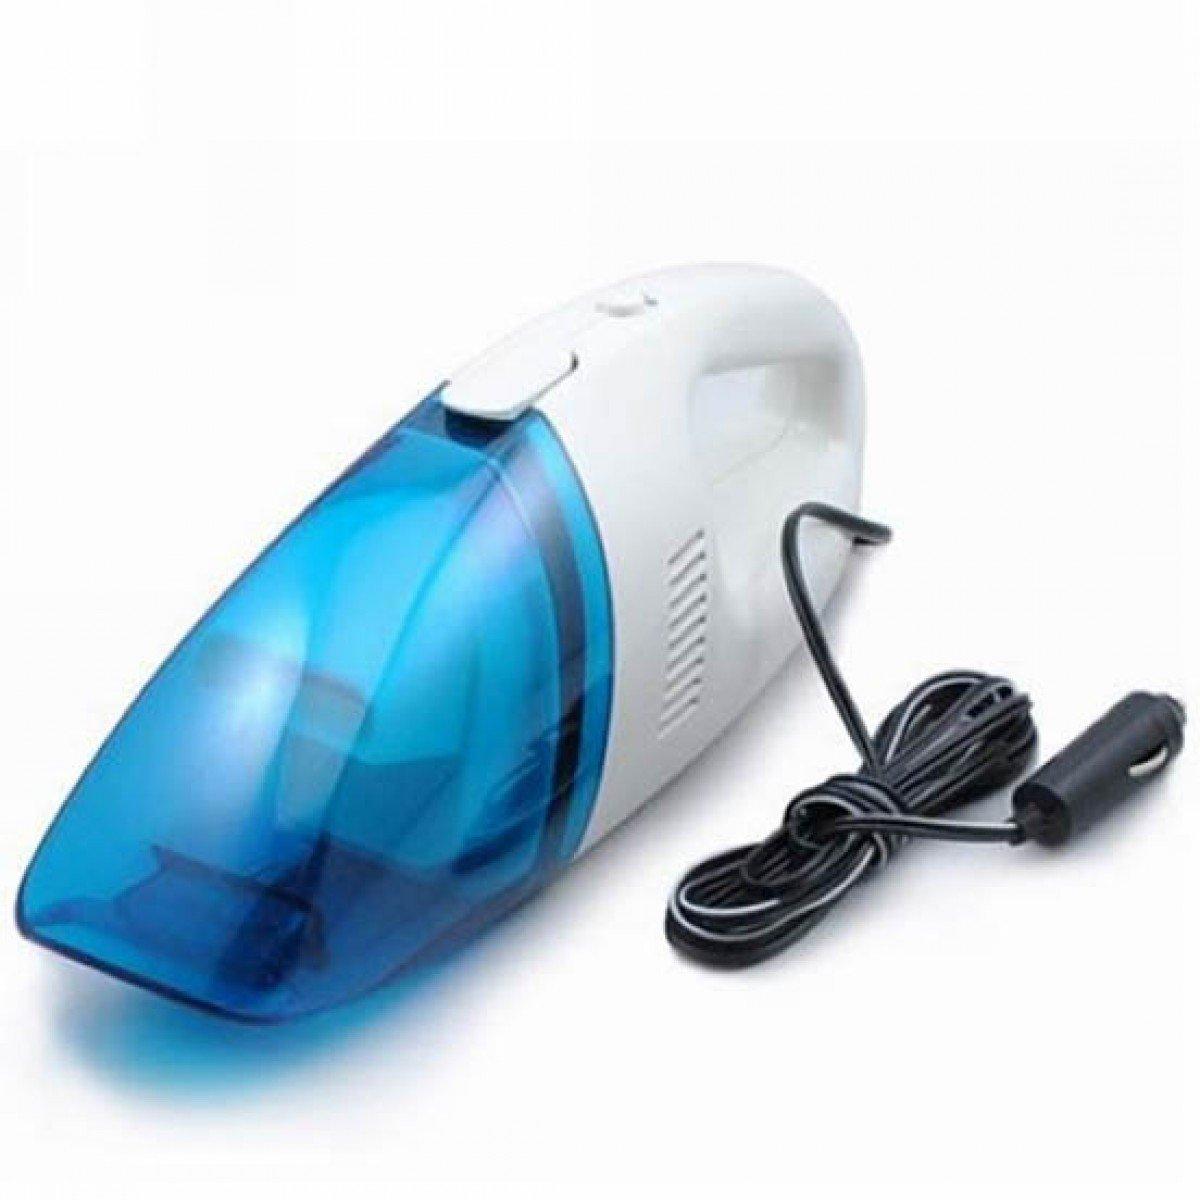 Krevia 12 V Portable Car Vaccum Cleaner Multipurpose Vacuum Amazonin Motorbike